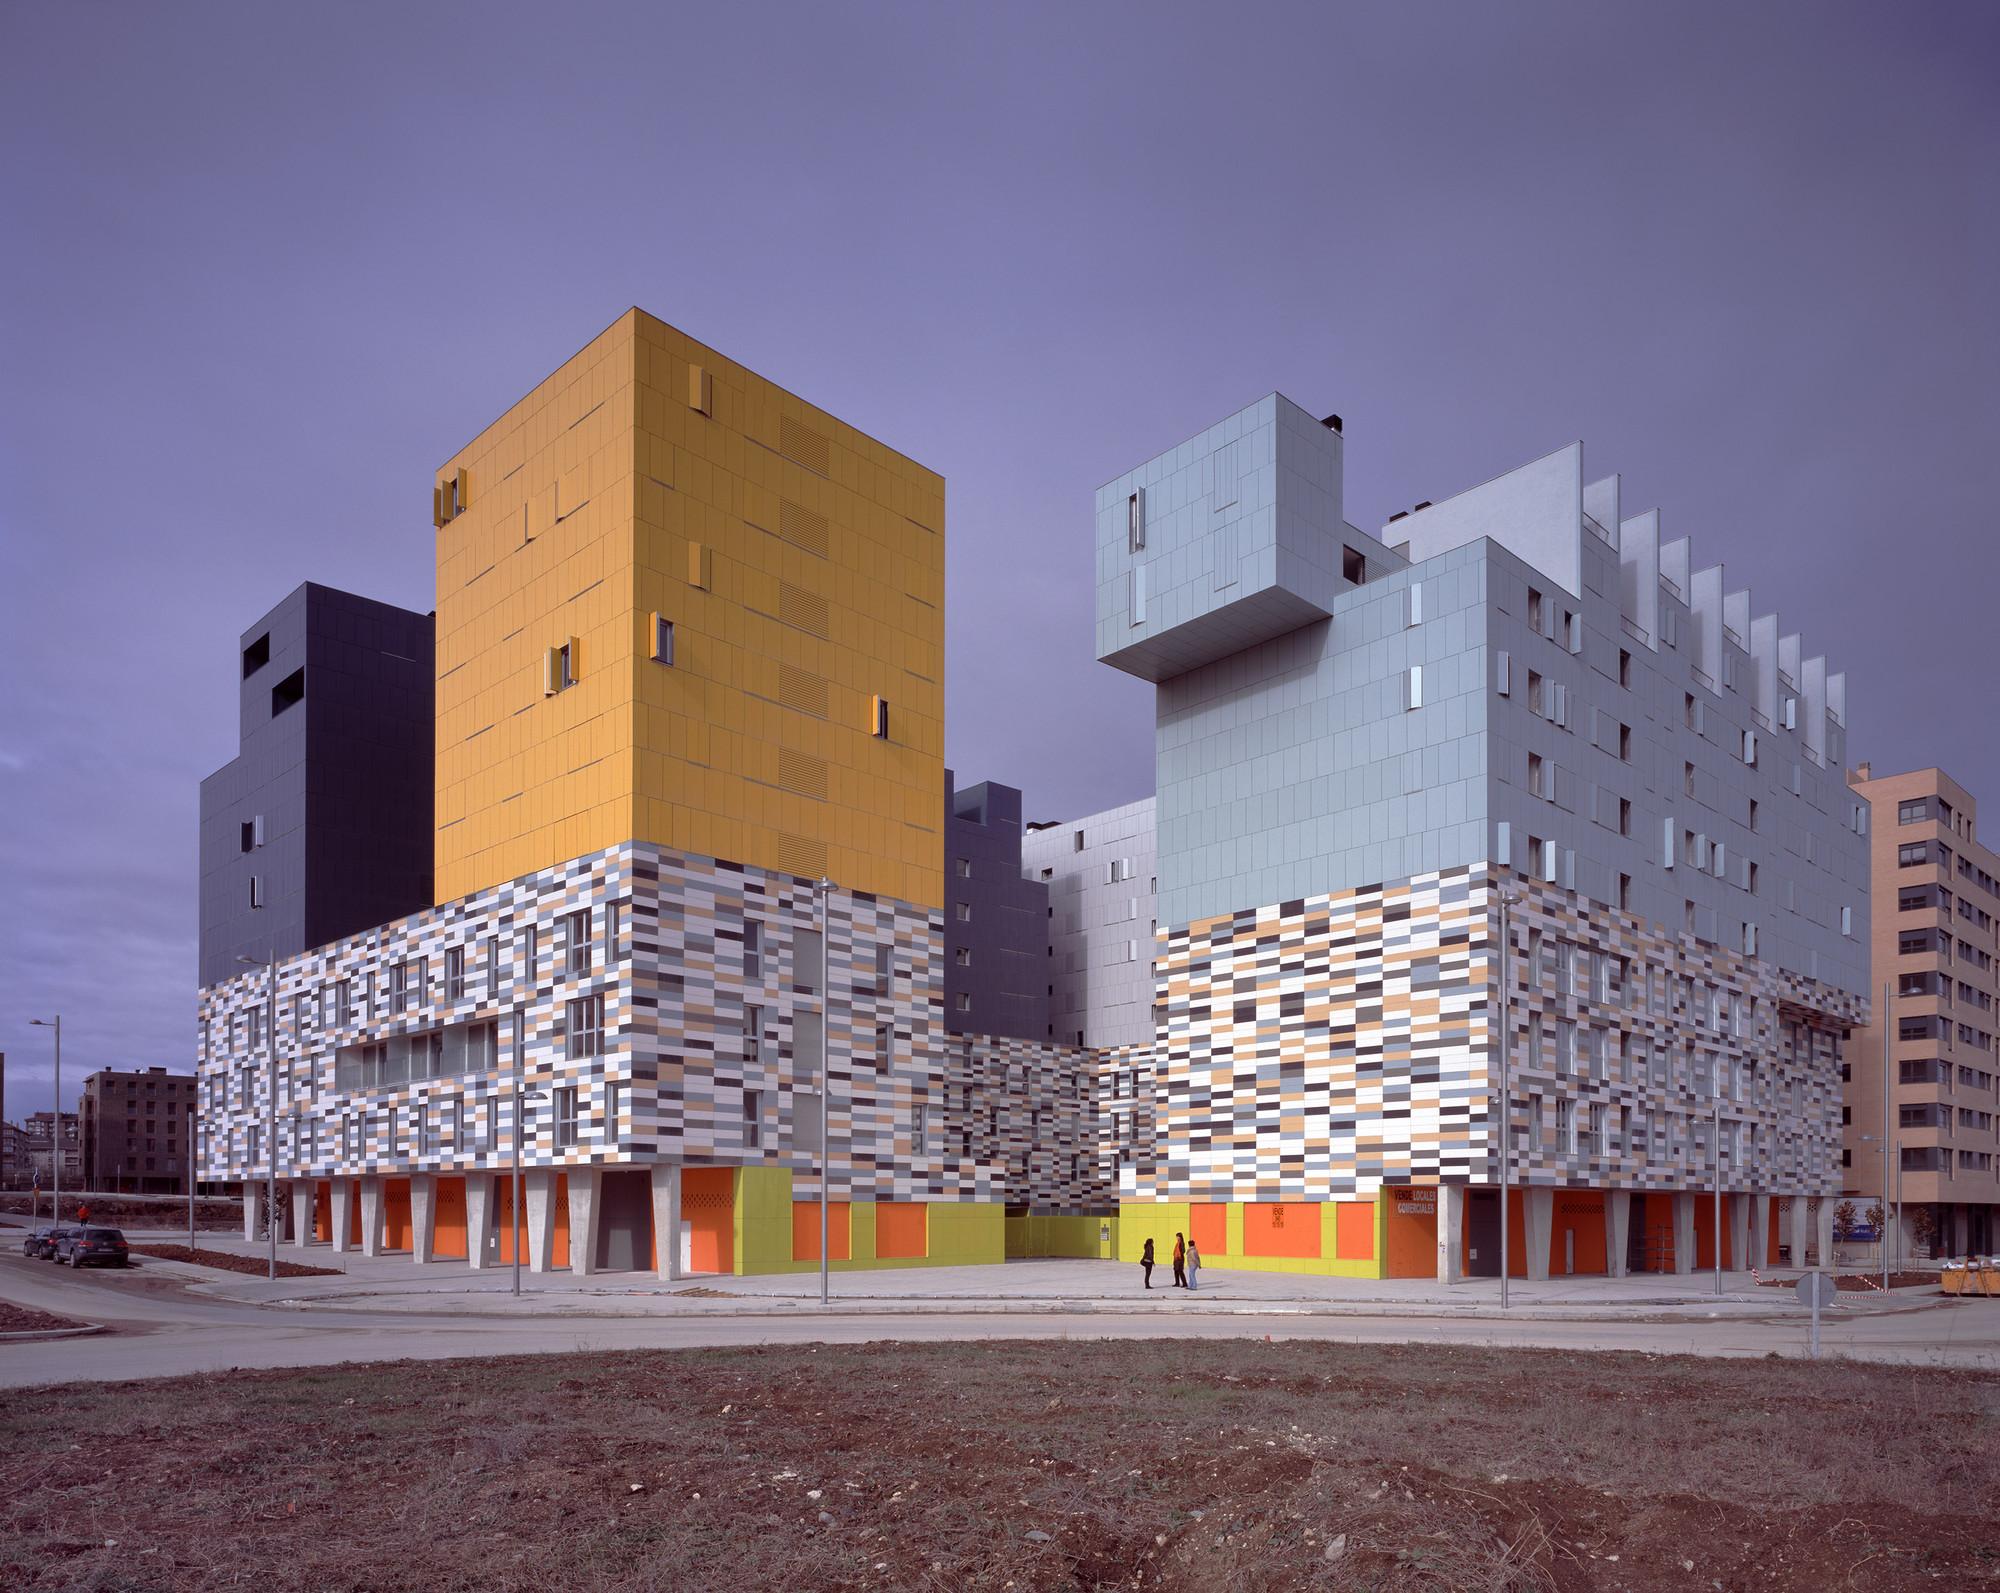 177 social housing in vitoria matos castillo arquitectos - Arquitectos vitoria ...